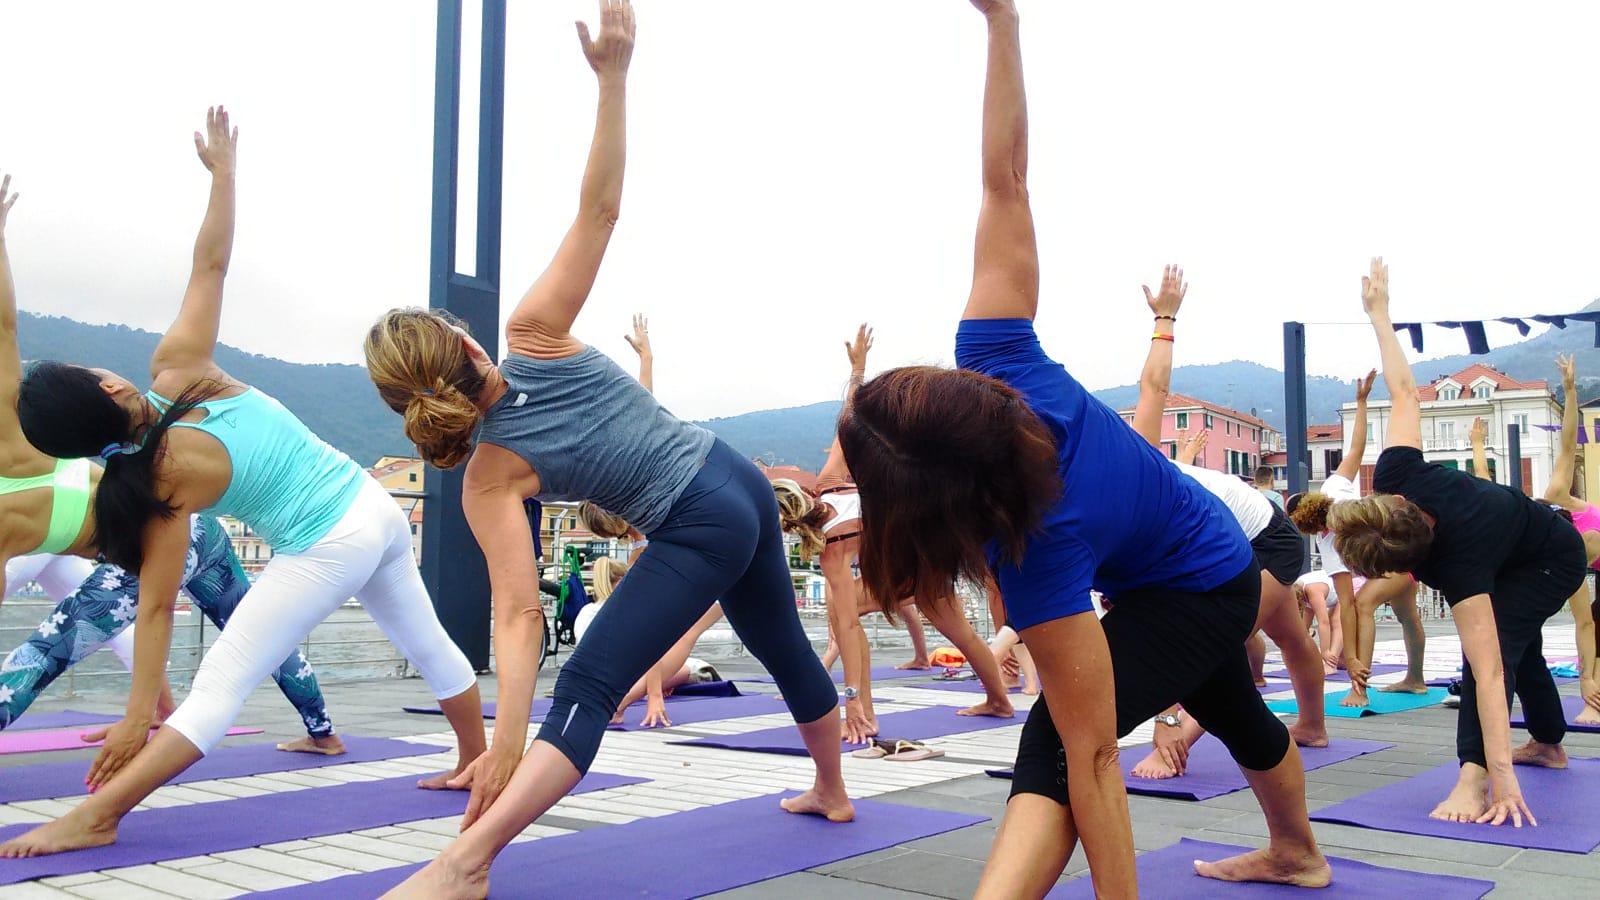 1_essere-free-yoga-gratuito-benessere-per-tutti-village-citta-alassio-estate-lucia-ragazzi-summer-town-wellness-082